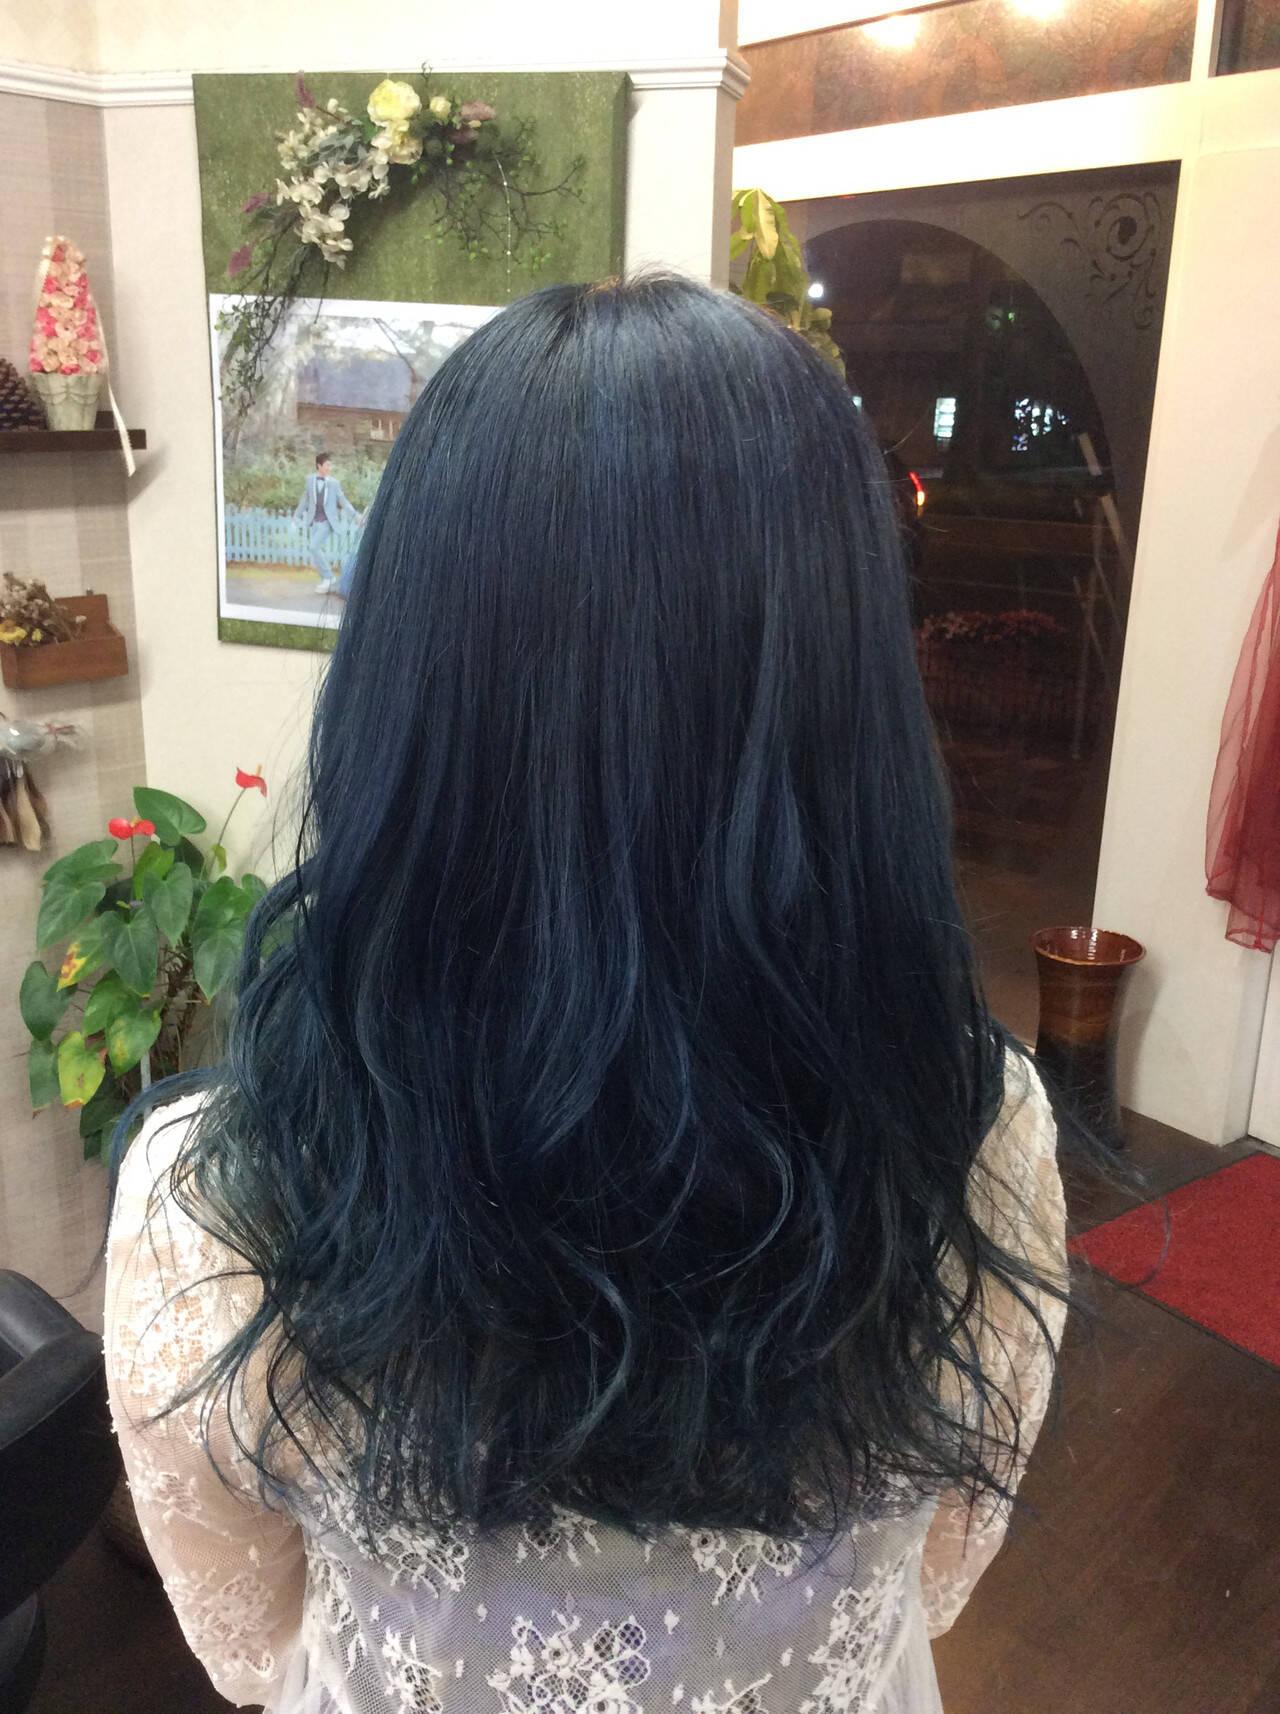 グラデーションカラー ネイビーカラー ガーリー セミロングヘアスタイルや髪型の写真・画像